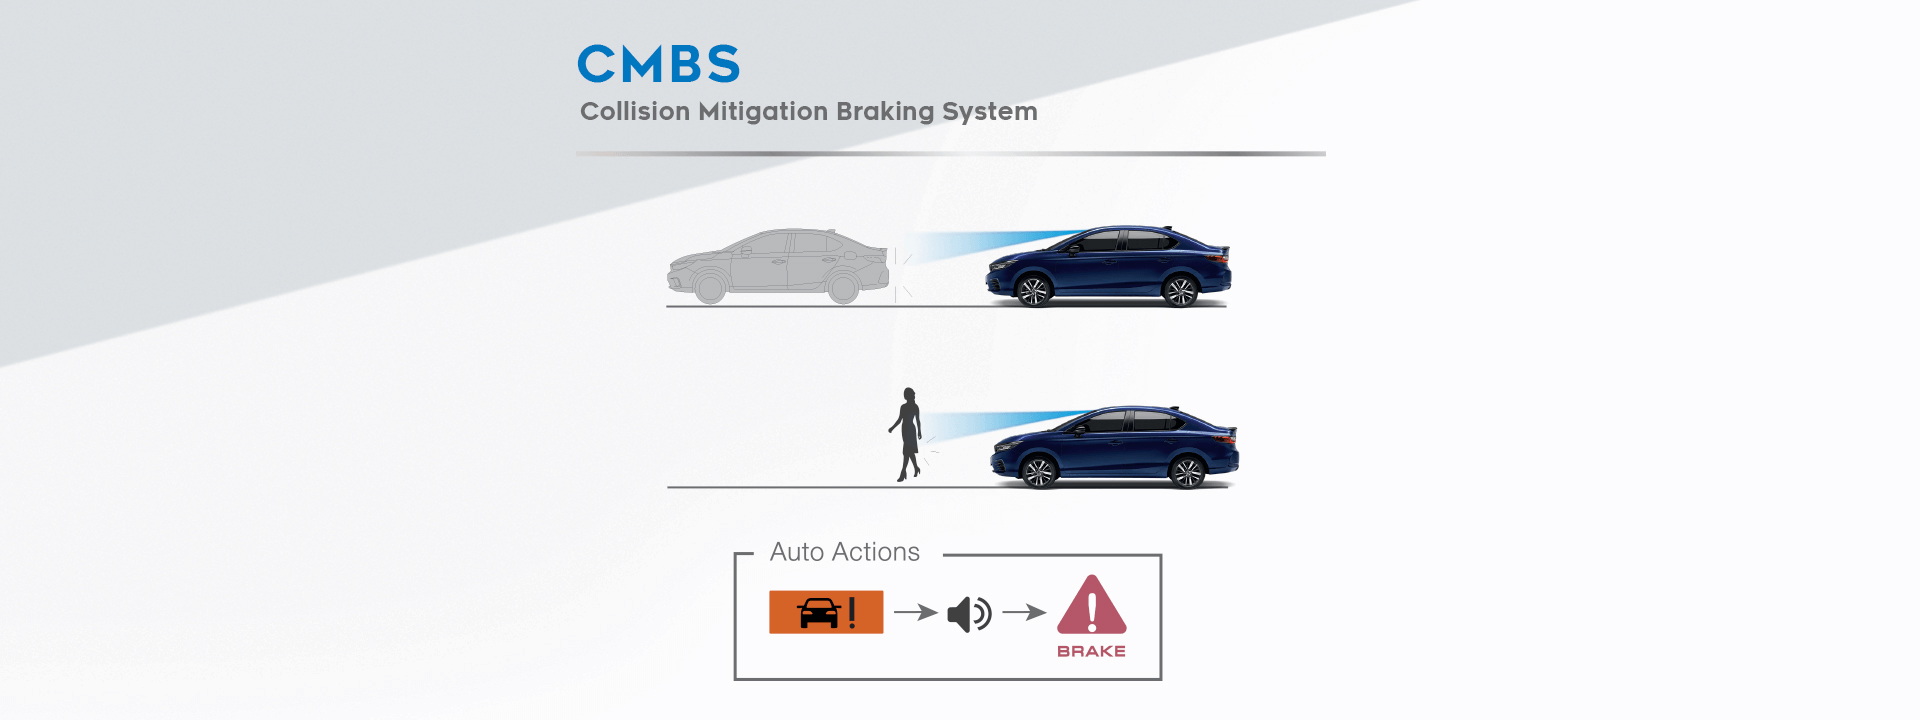 ระบบเตือนการชนรถและคนเดินถนนพร้อมระบบช่วยเบรก (Collision Mitigation Braking System: CMBS)